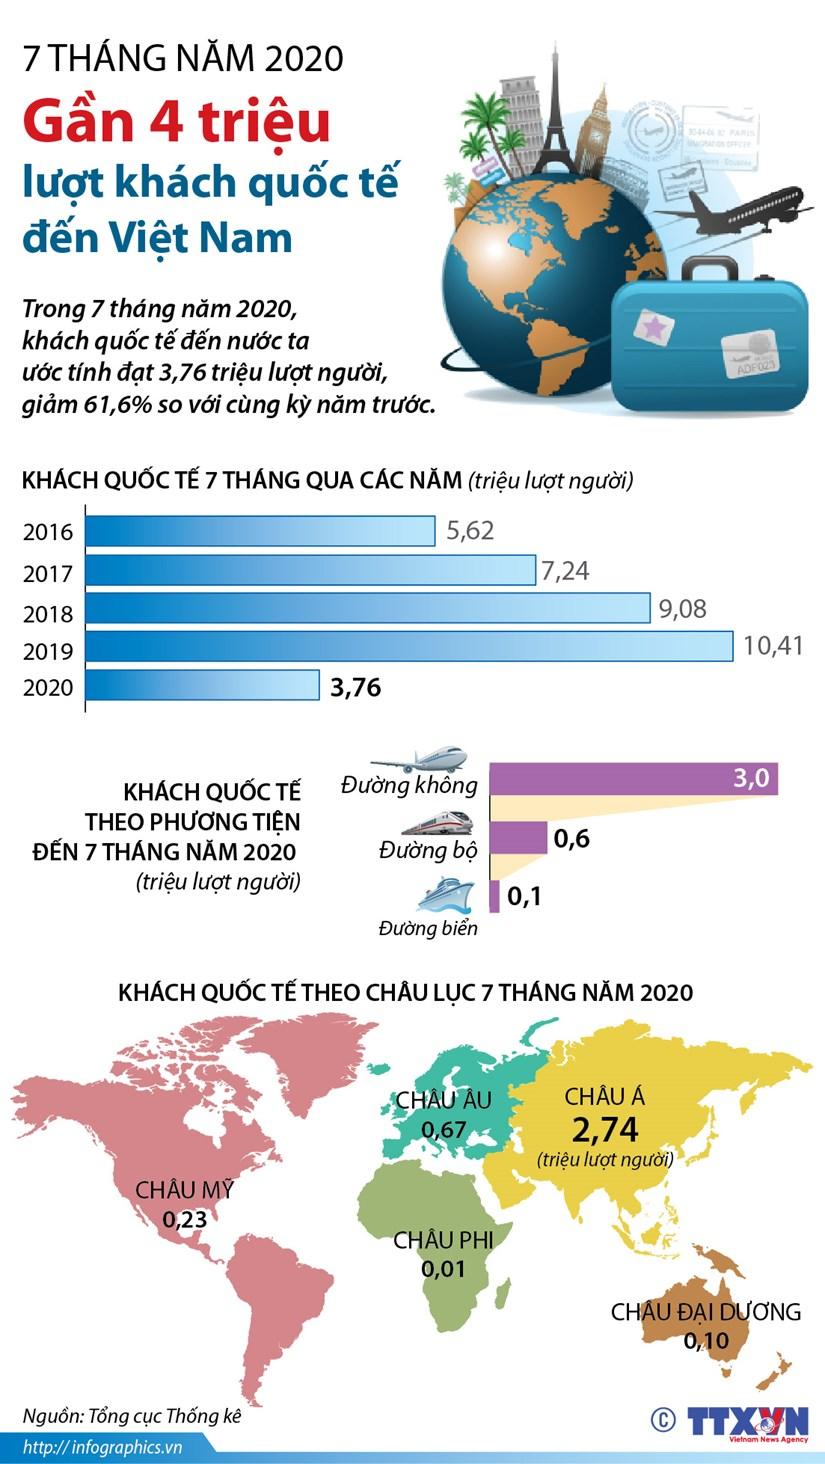 7 thang nam 2020: Gan 4 trieu luot khach quoc te den Viet Nam hinh anh 1